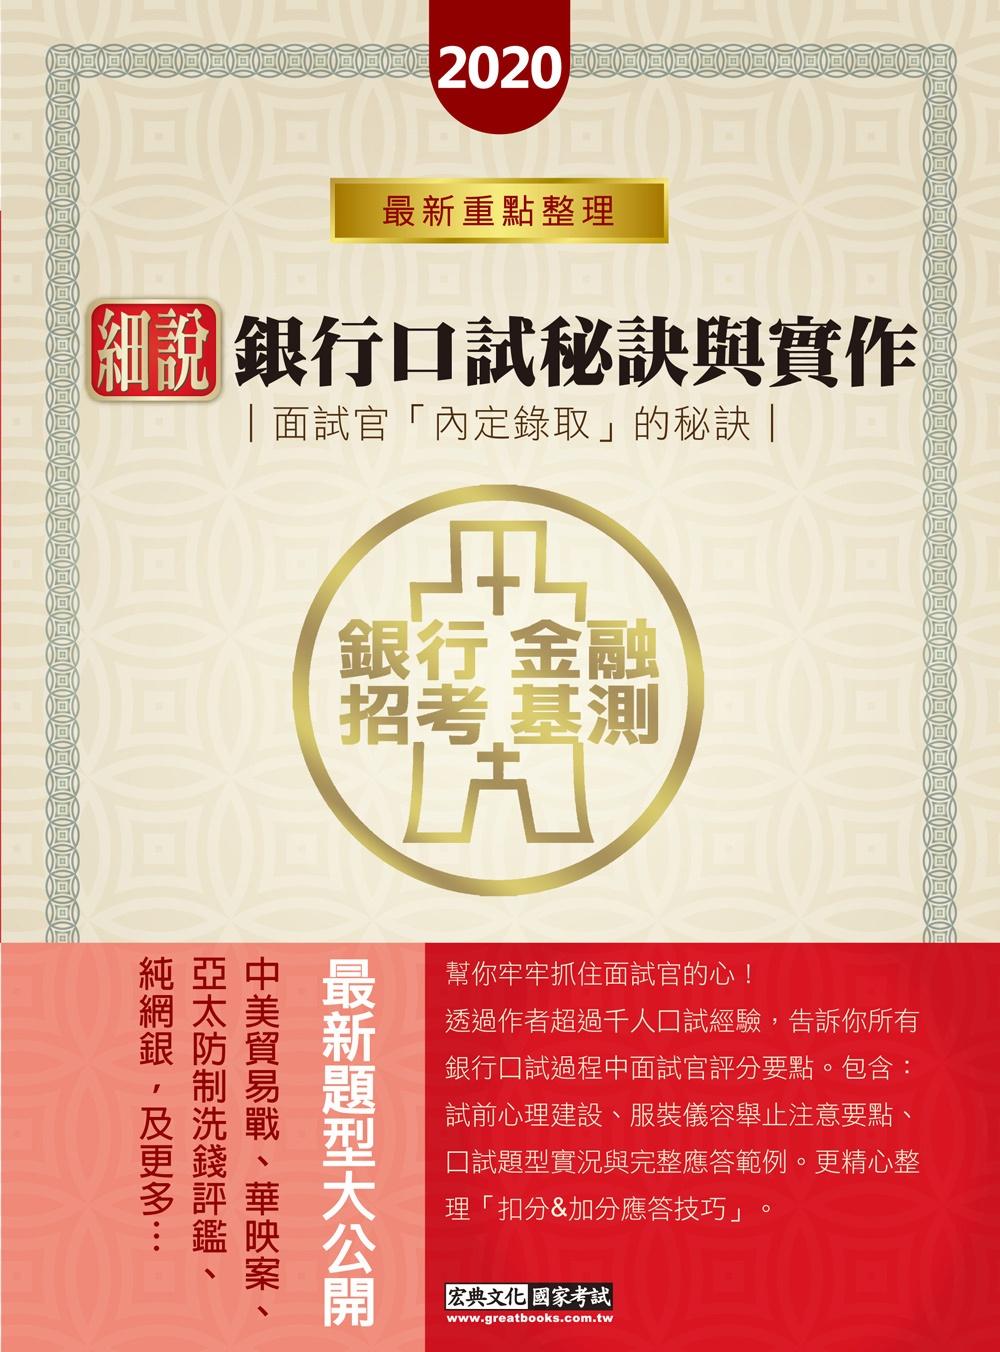 《2018細說銀行招考:口試秘訣與實作:面試官「內定錄取」的秘訣》 商品條碼,ISBN:9789865644178